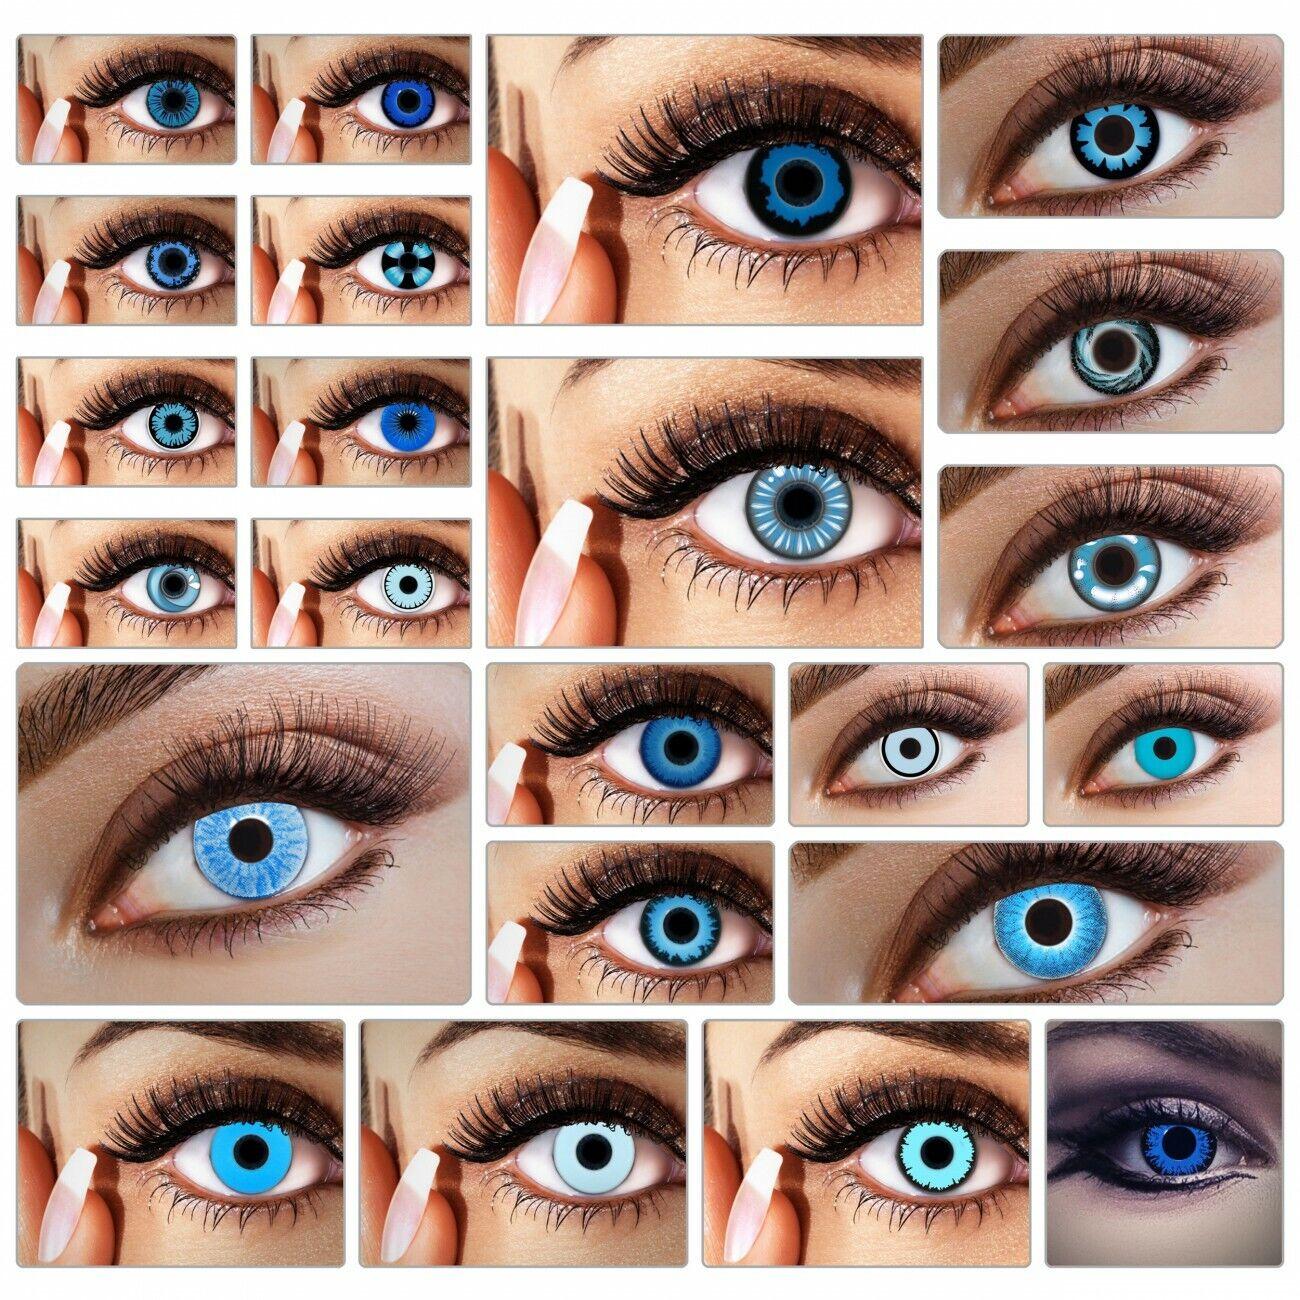 Blaue Kontaktlinsen farbige Funlinsen ohne Stärke Farblinsen Halloween Karneval